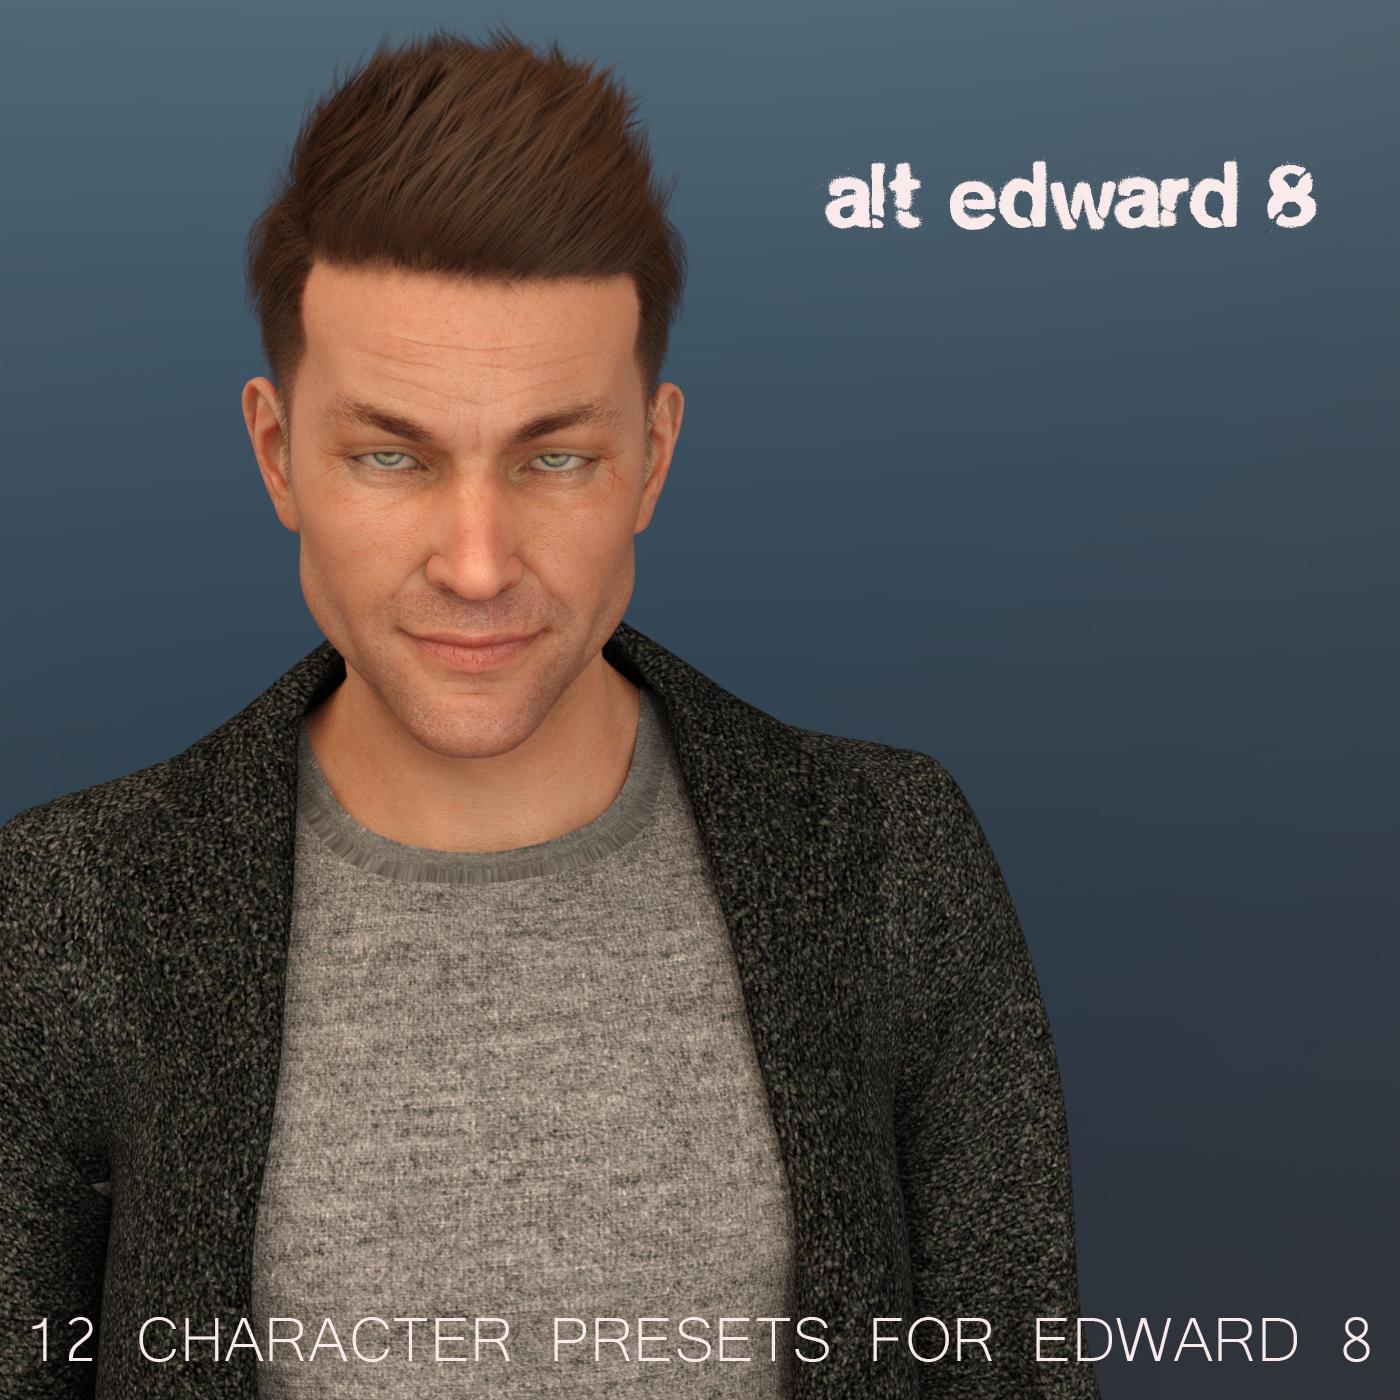 Alt Edward 8